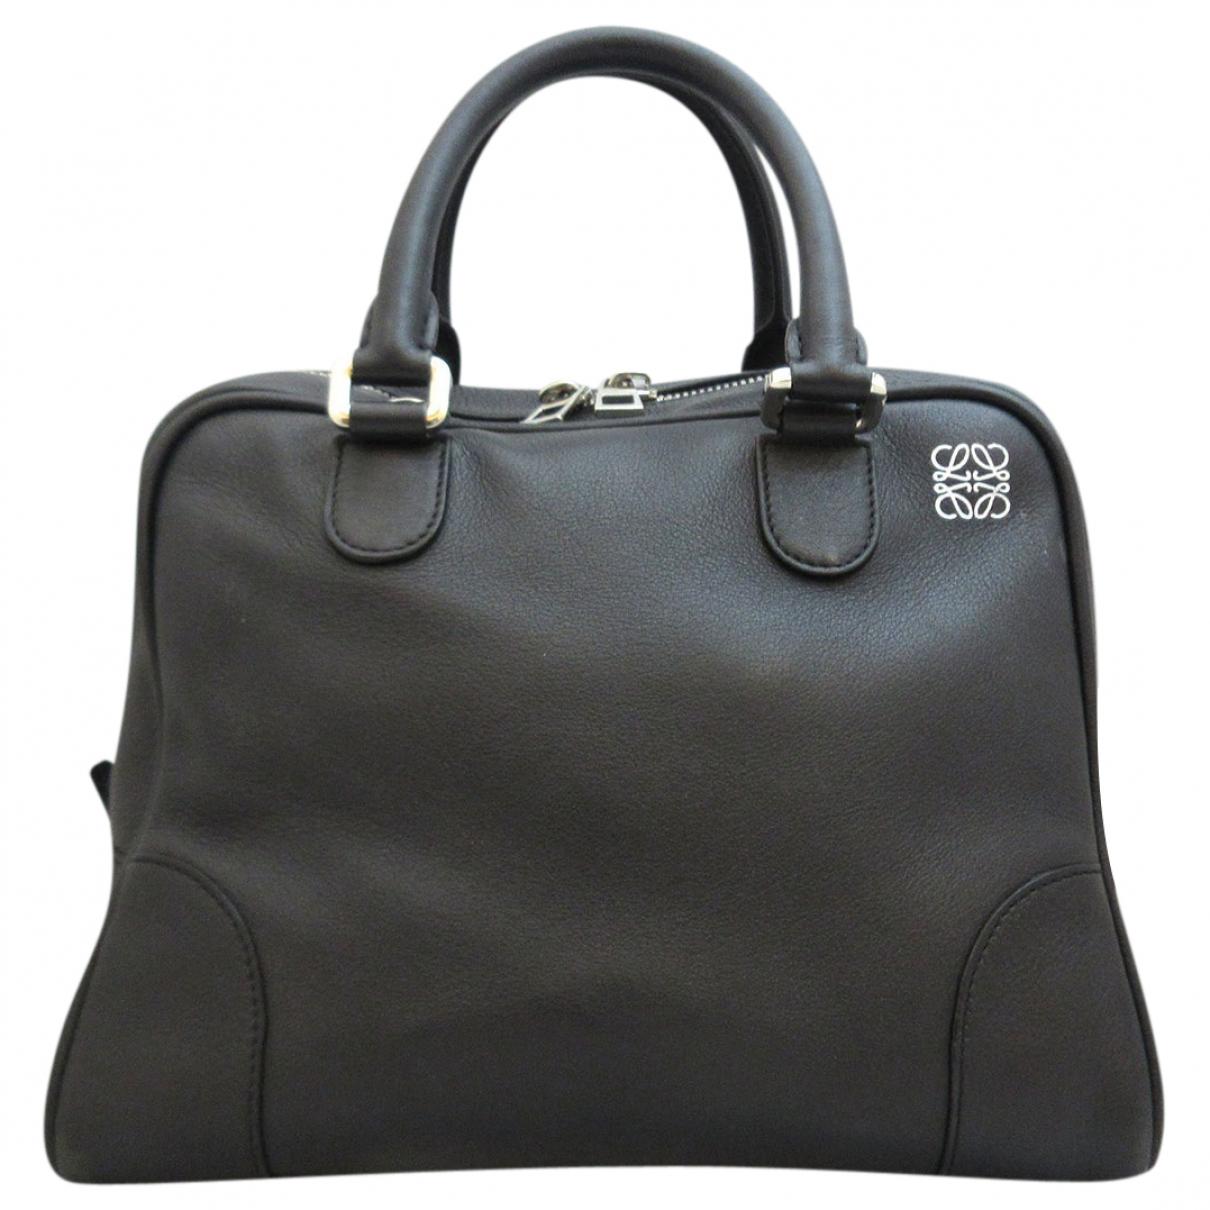 Loewe - Sac a main Amazona pour femme en cuir - noir